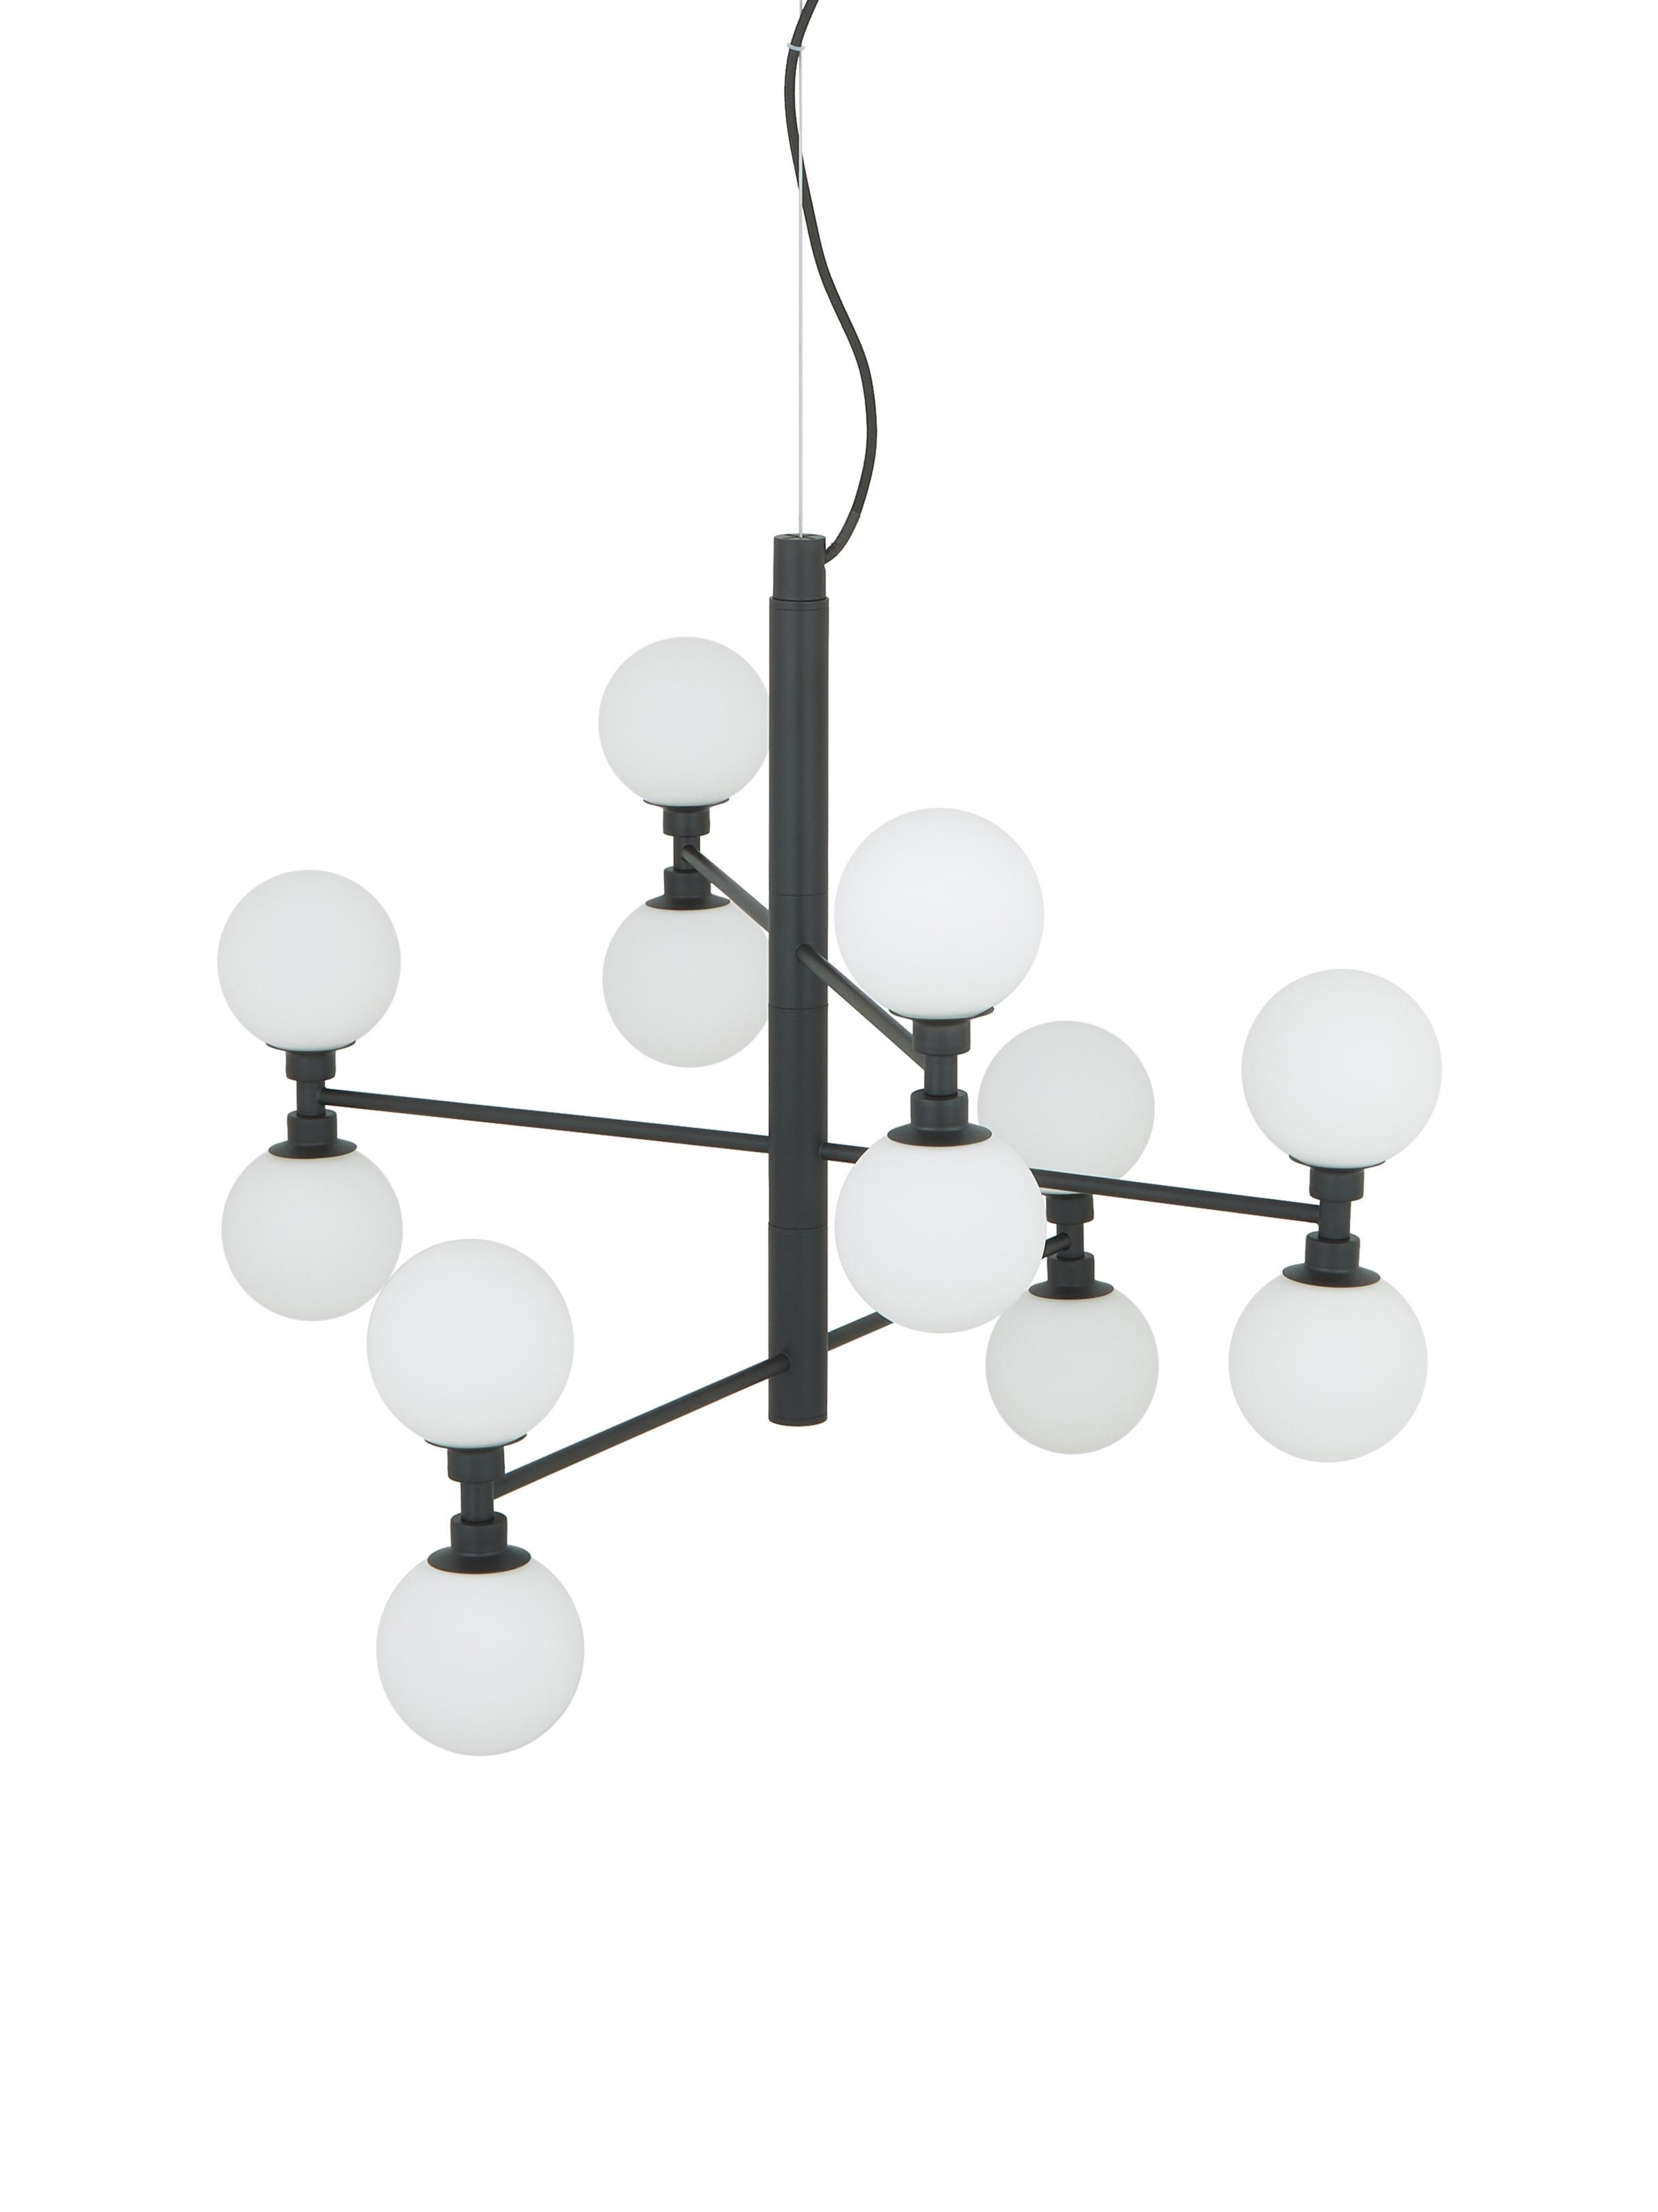 Lampada a sospensione con sfere di vetro Grover, Paralume: vetro, Nero, bianco, Ø 70 x Alt. 56 cm